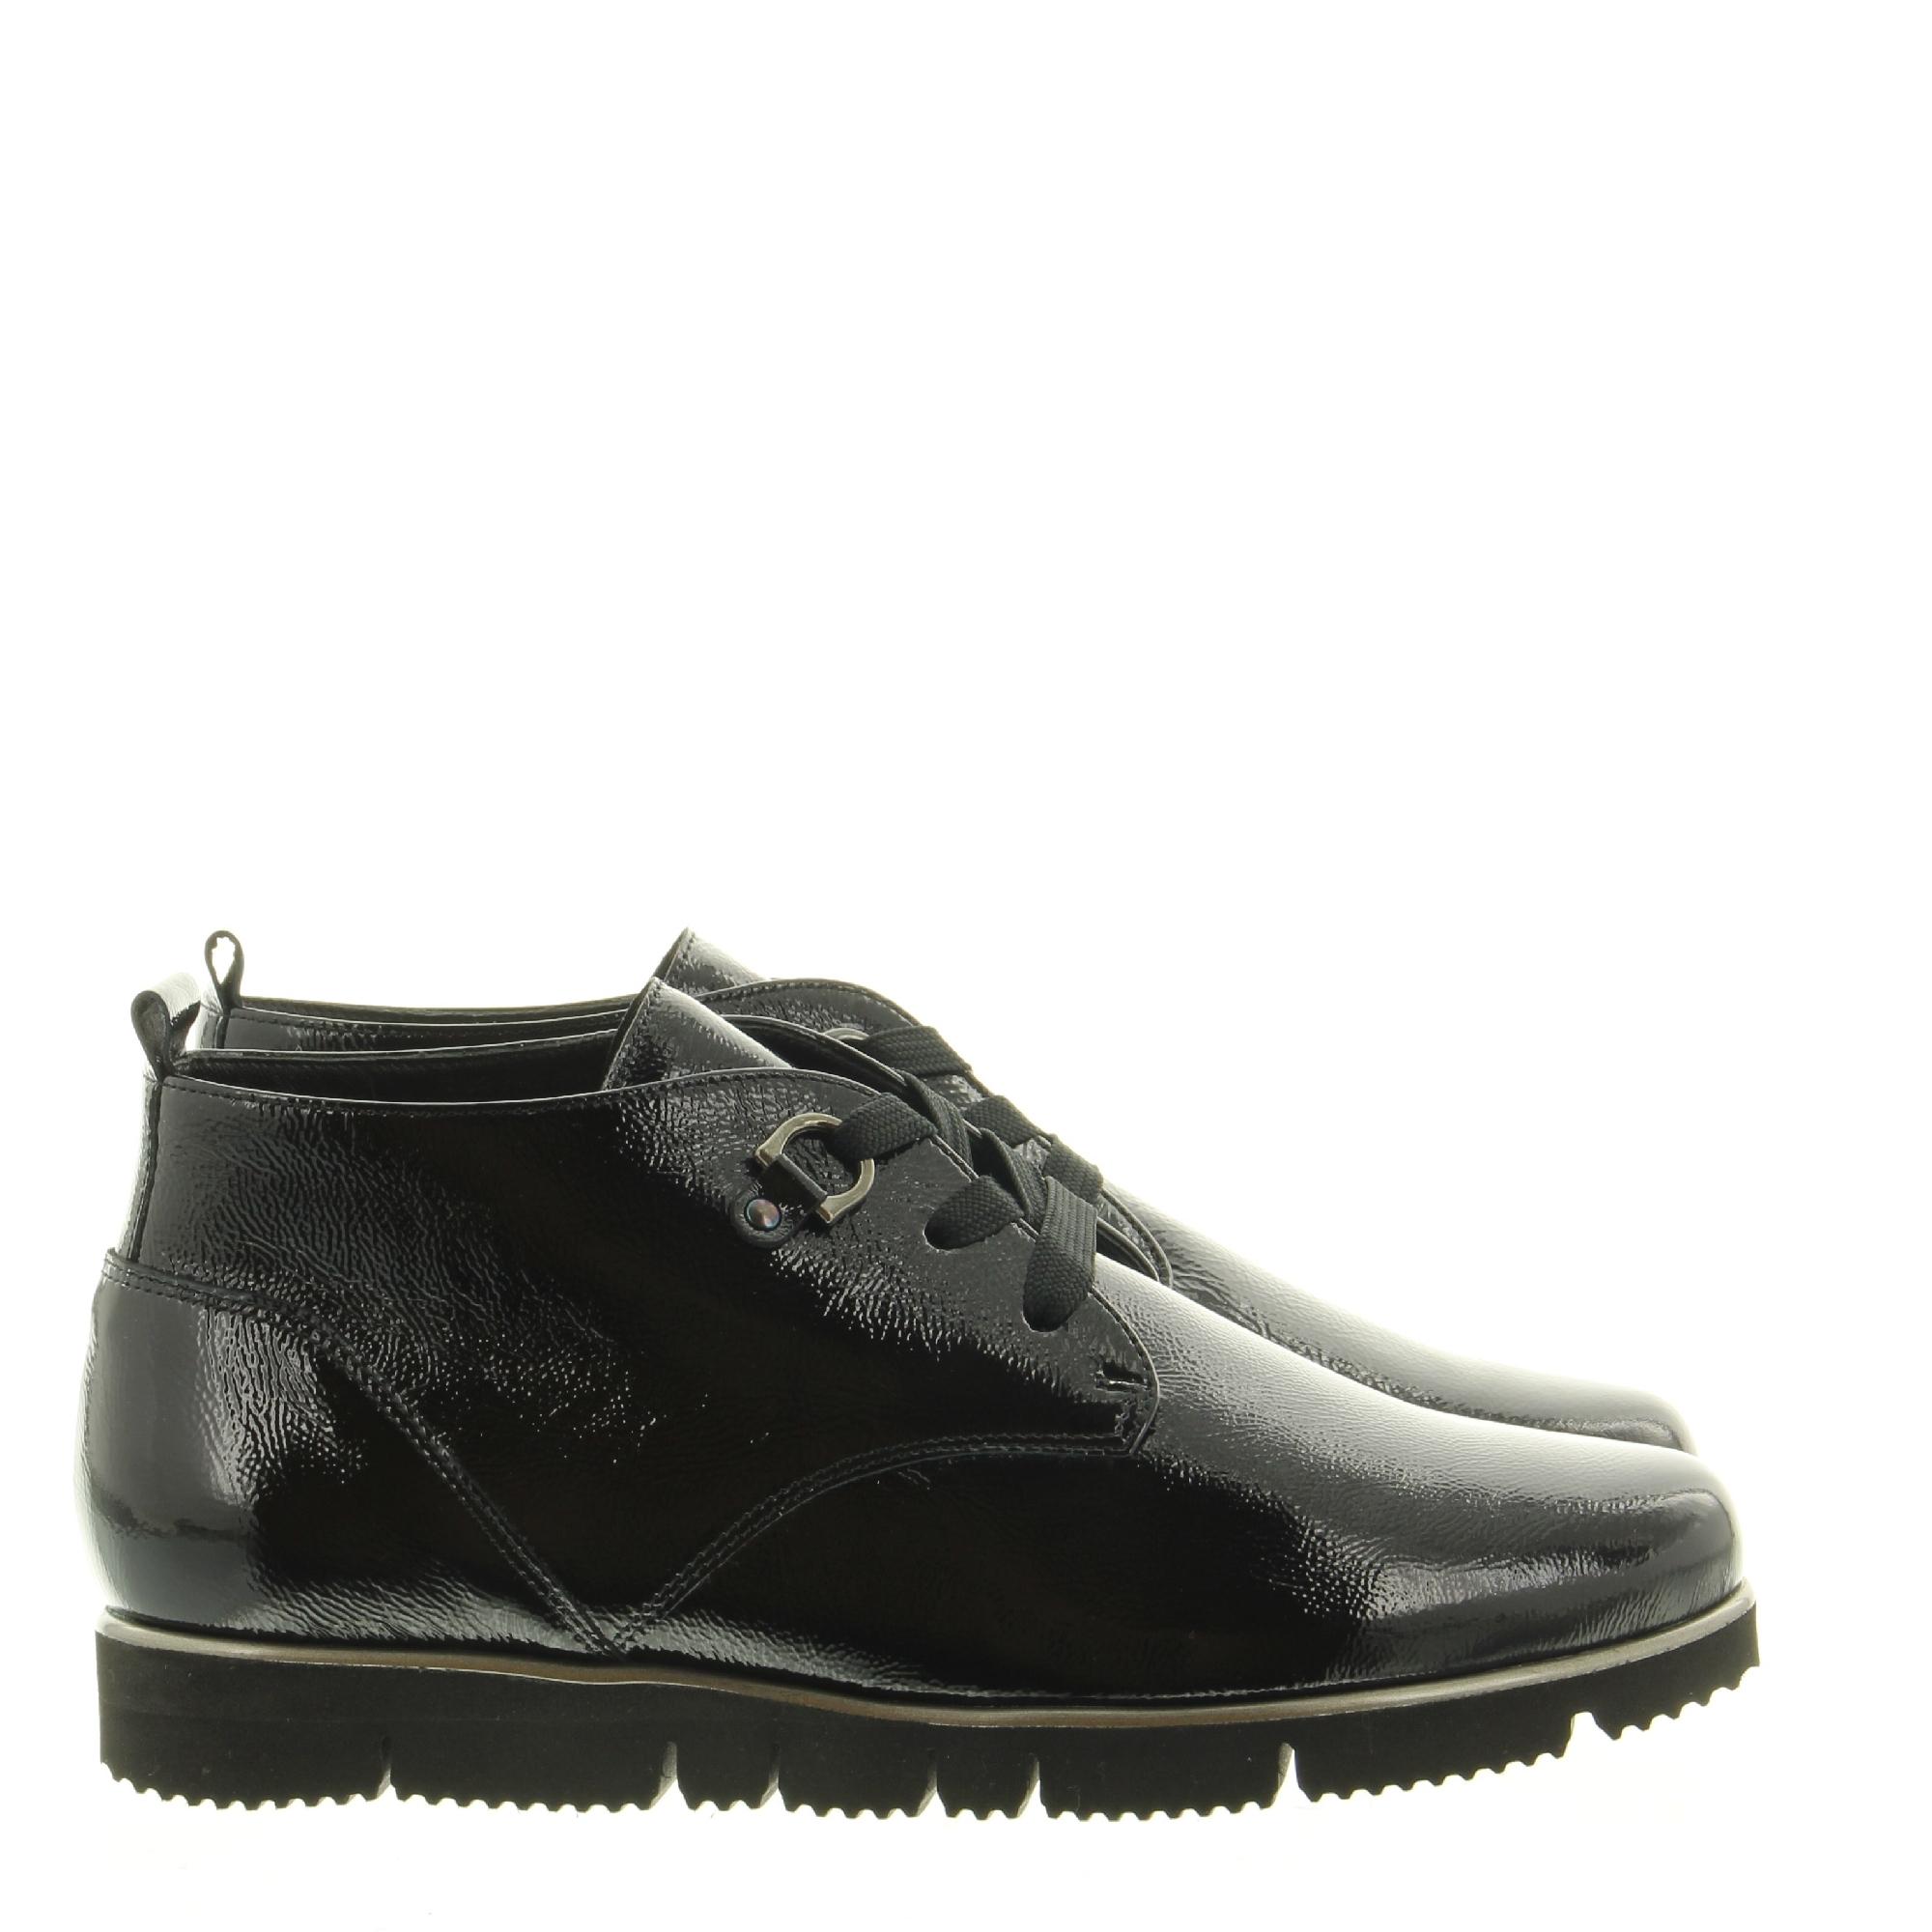 Hassia Shoes 301596 Pisa 0100 Schwarz